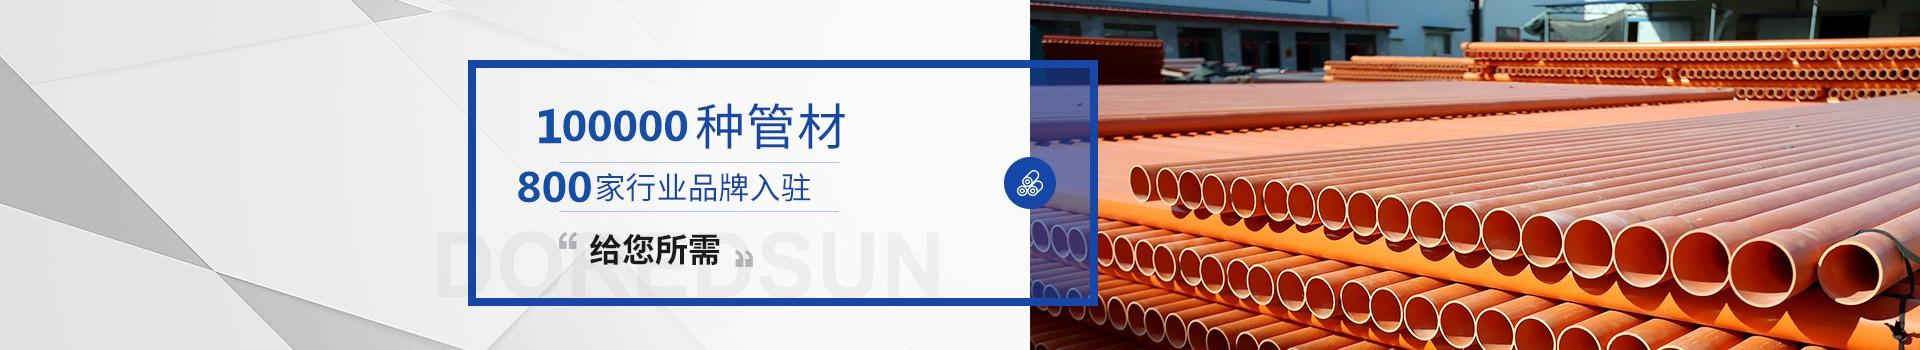 北京东宏东升:3万余种管材 31家行业品牌入驻